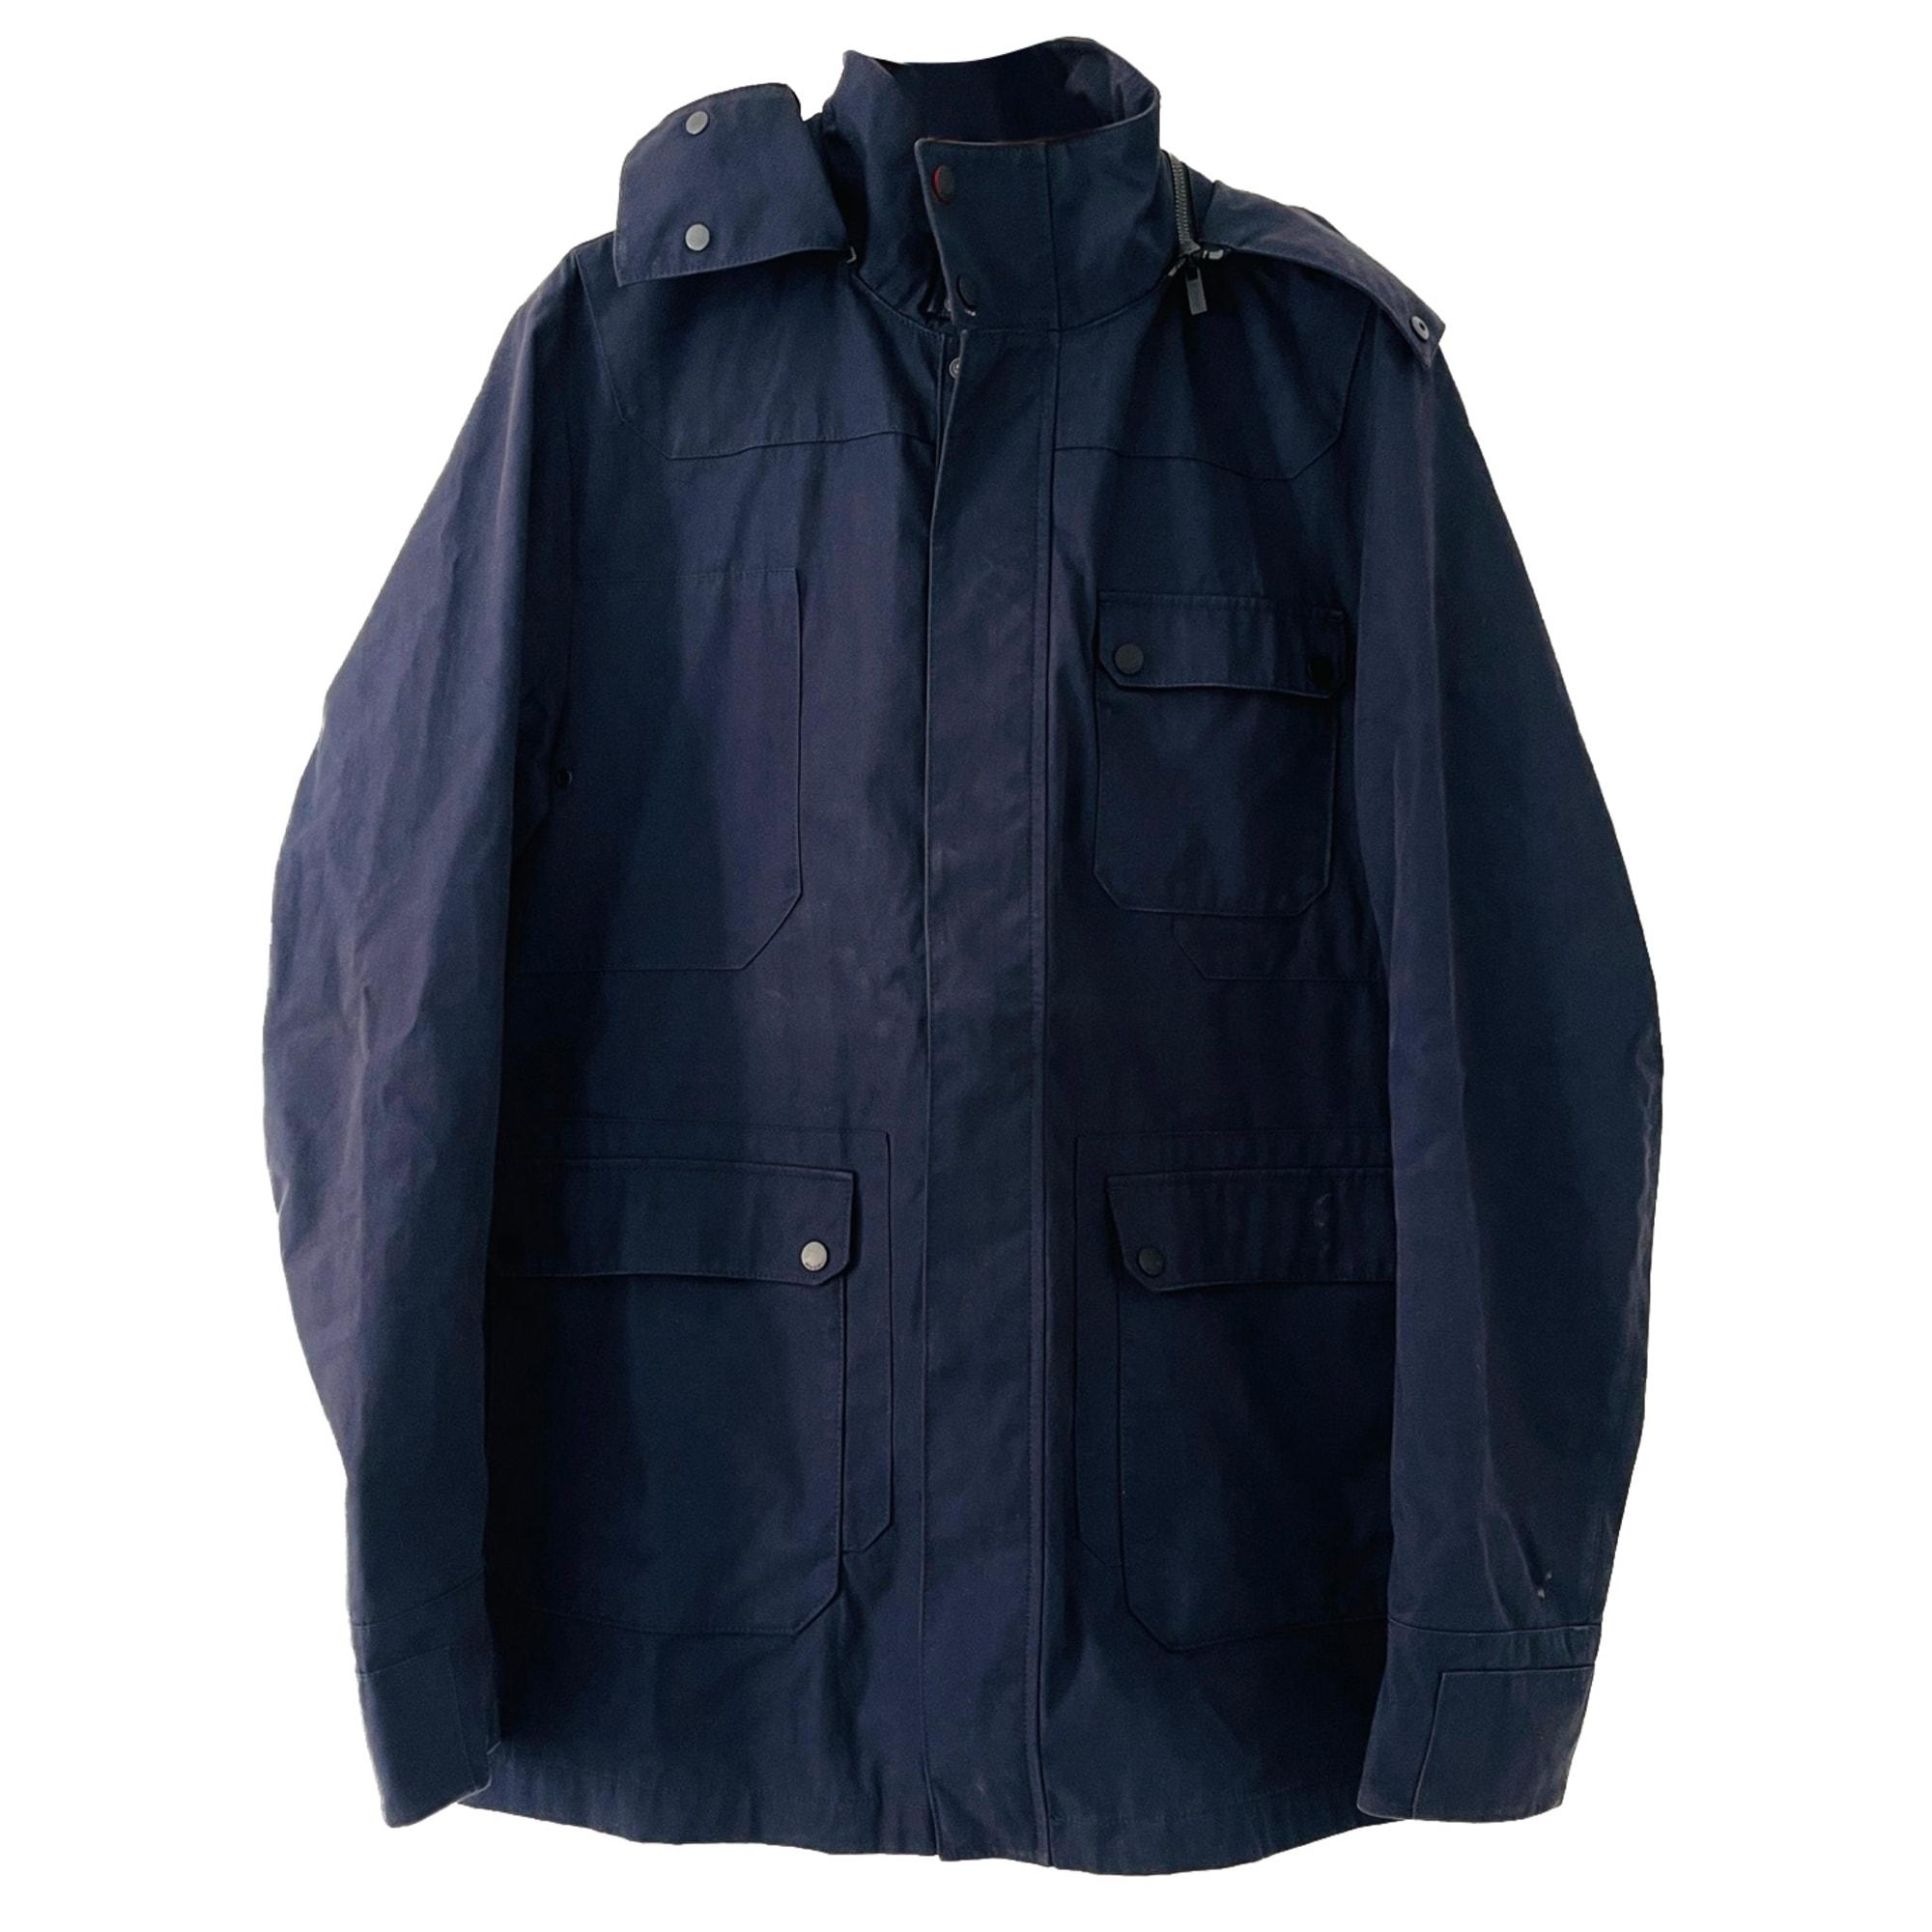 Jacket HUGO BOSS Blue, navy, turquoise